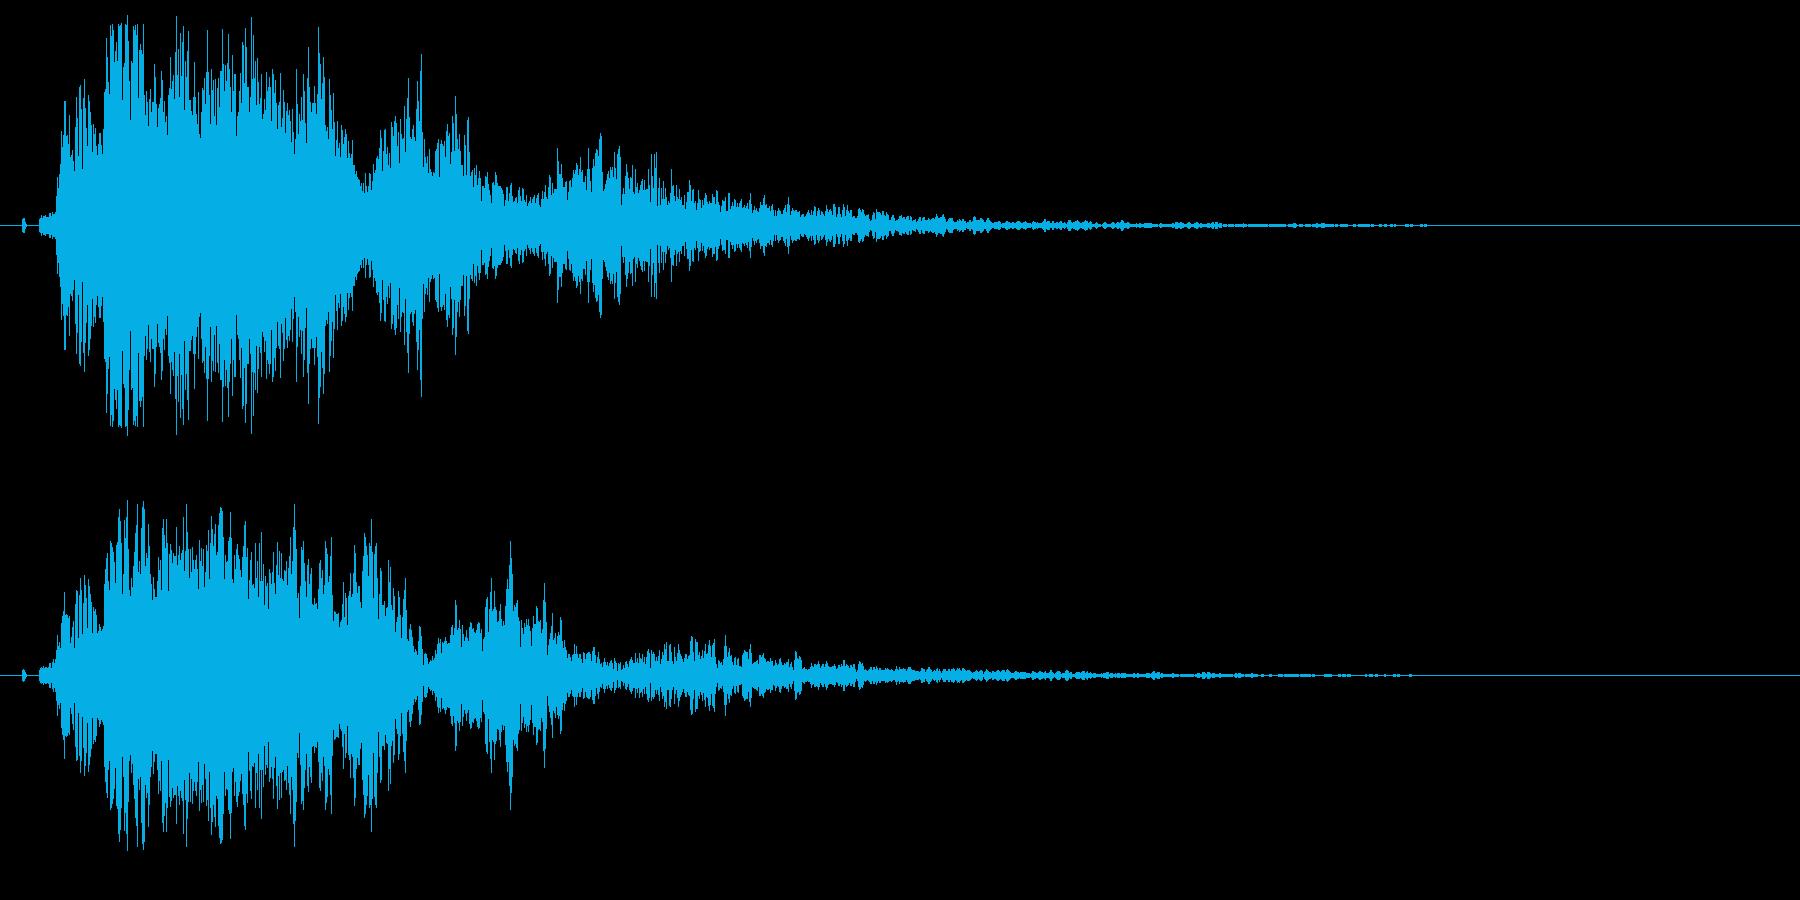 シャキン!DJ,ラジオ,リミックスに最適の再生済みの波形